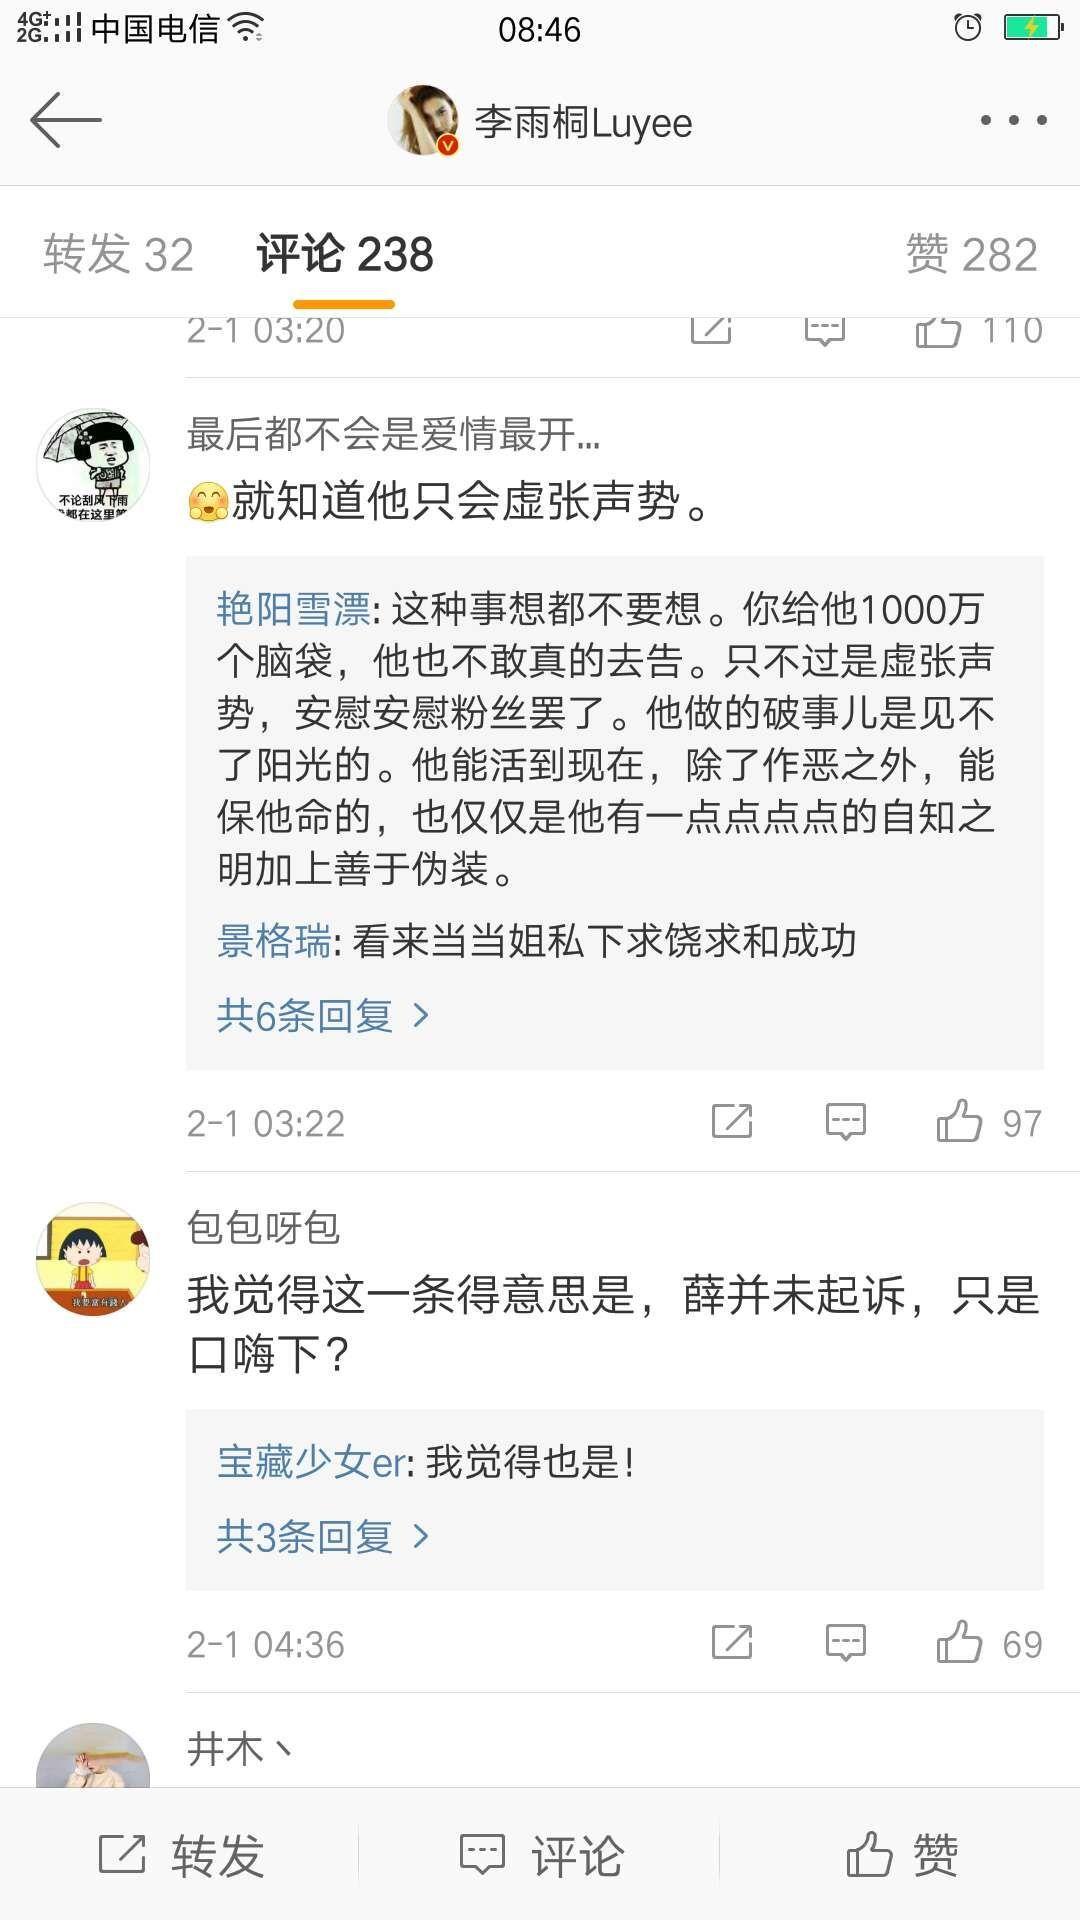 李雨桐更新微博称没有官司不必关注网友:薛之谦只是虚张声势?